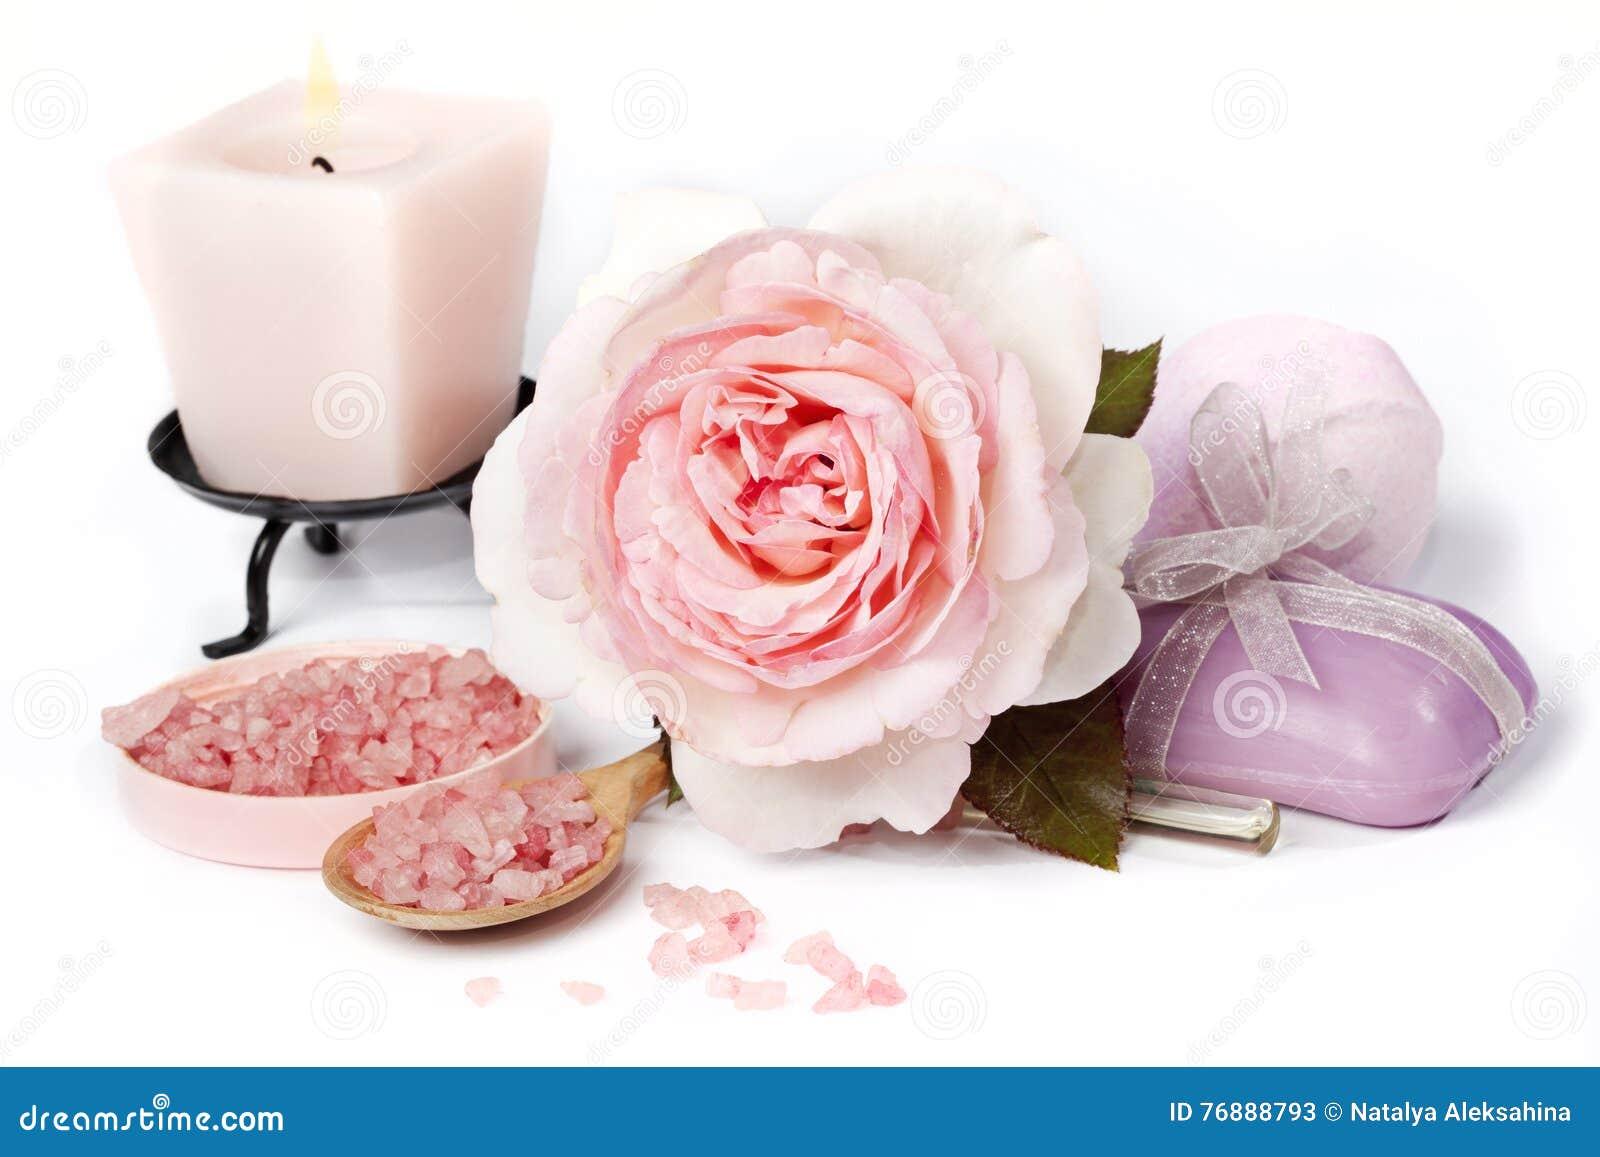 Rosa di rosa con sale da bagno e la candela immagine stock - Bagno con sale grosso ...